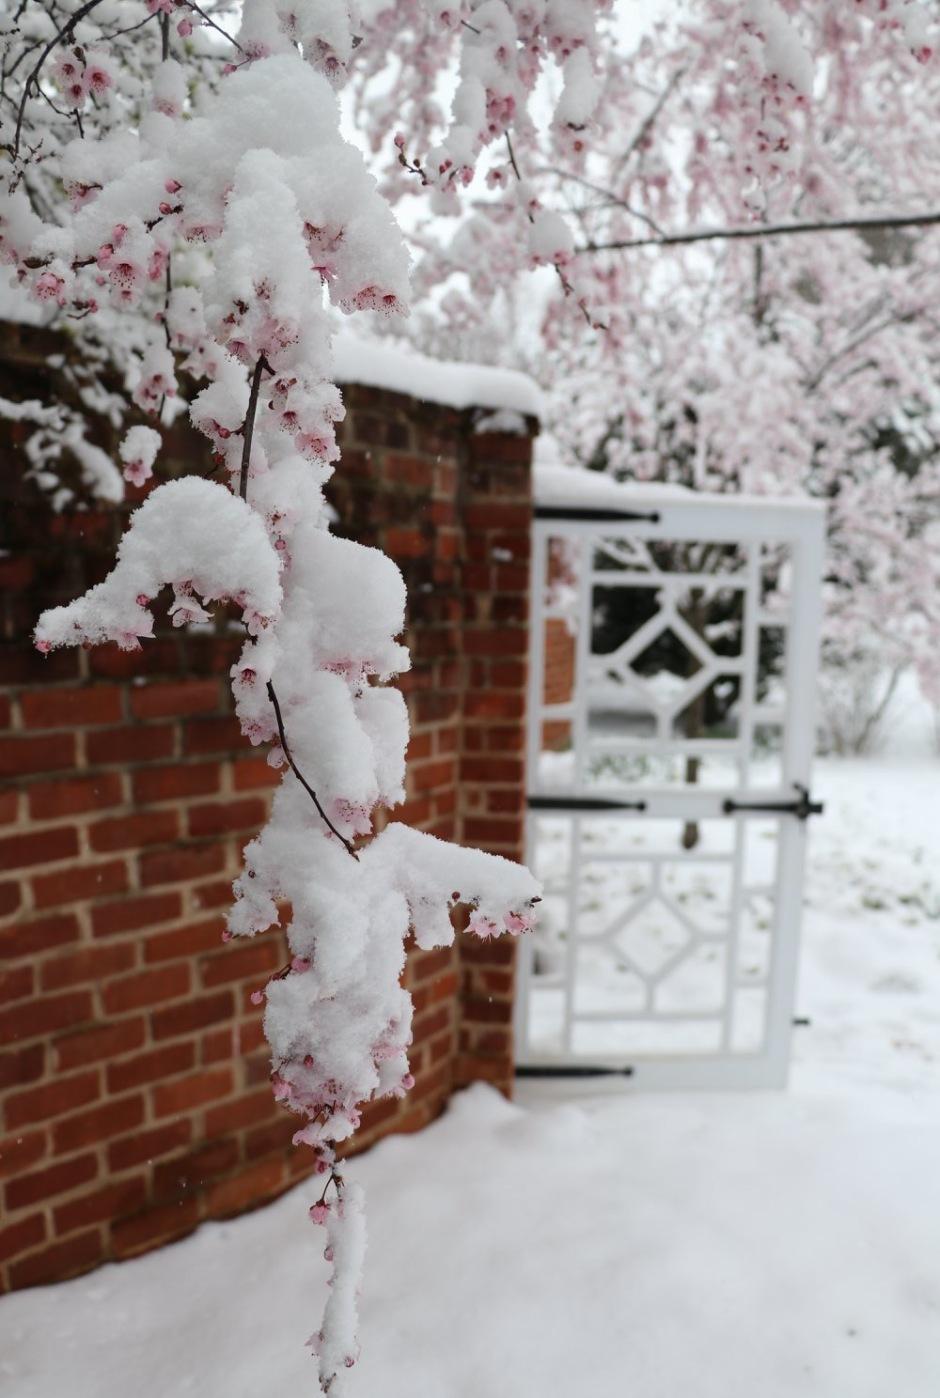 UVA Spring Snow 2018 taken by Elizabeth Roden